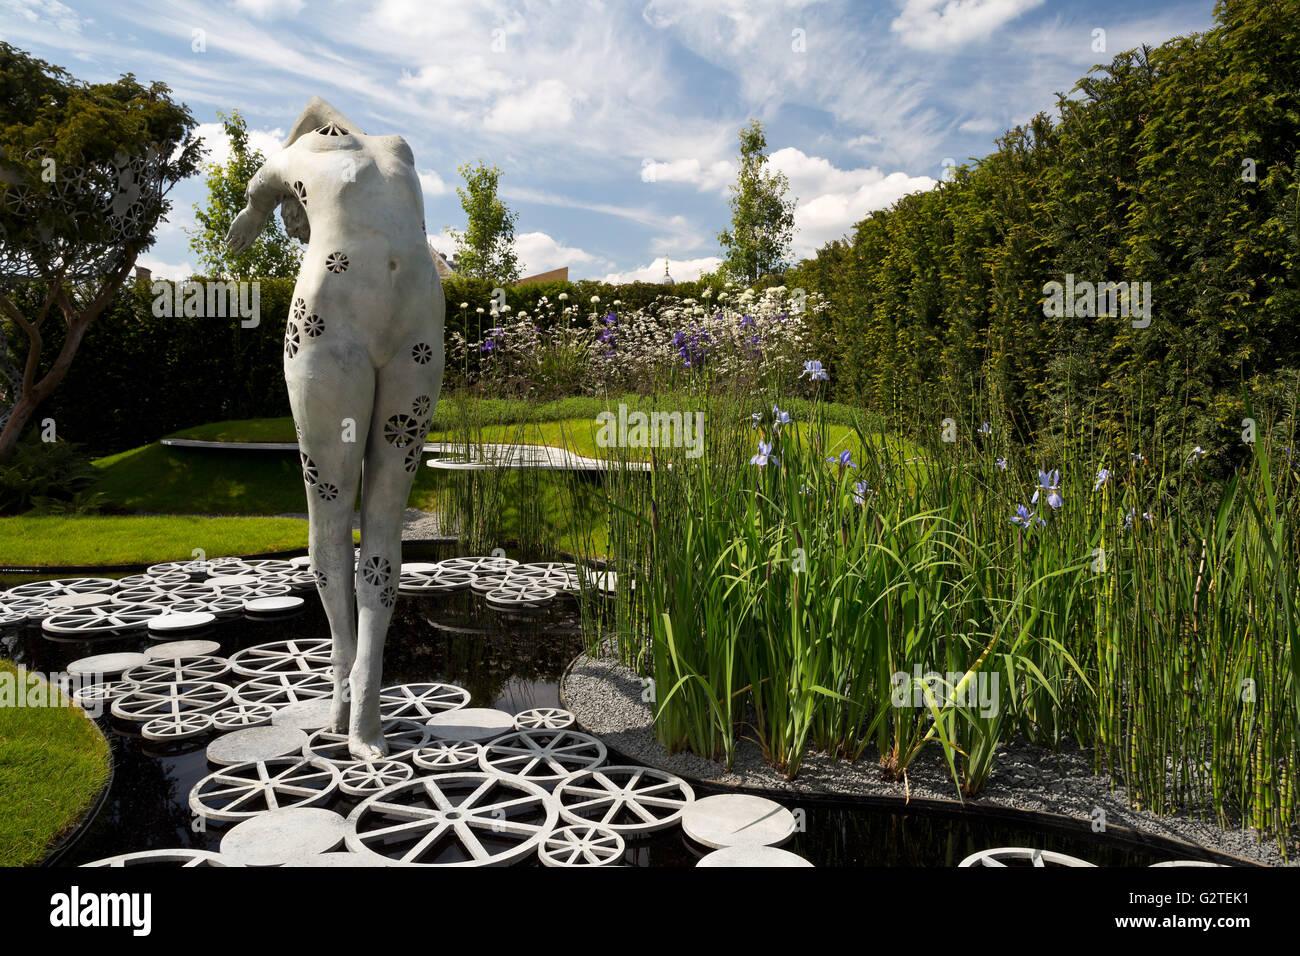 RHS Chelsea Flower Show 2016, The Imperial Garden – Revive, Fresh gardens silver medal winner, design Tatyana Goltsova - Stock Image